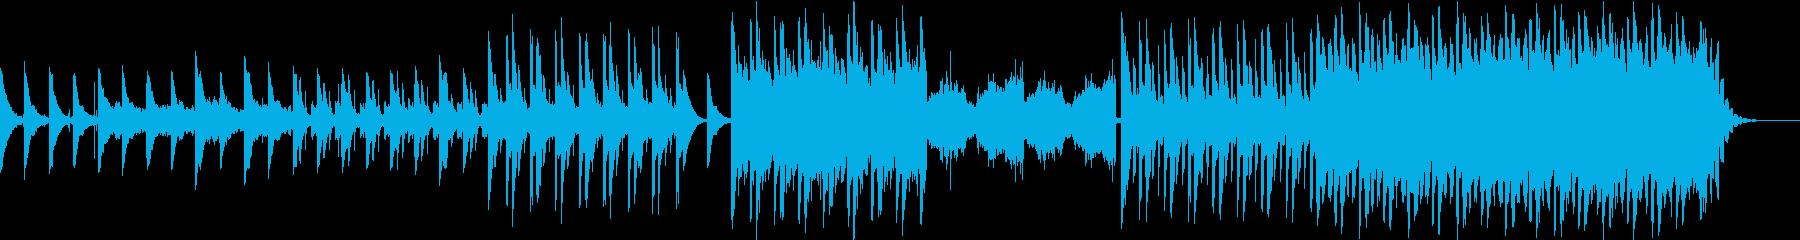 古色蒼然としたダークかつメルヘンな楽曲の再生済みの波形